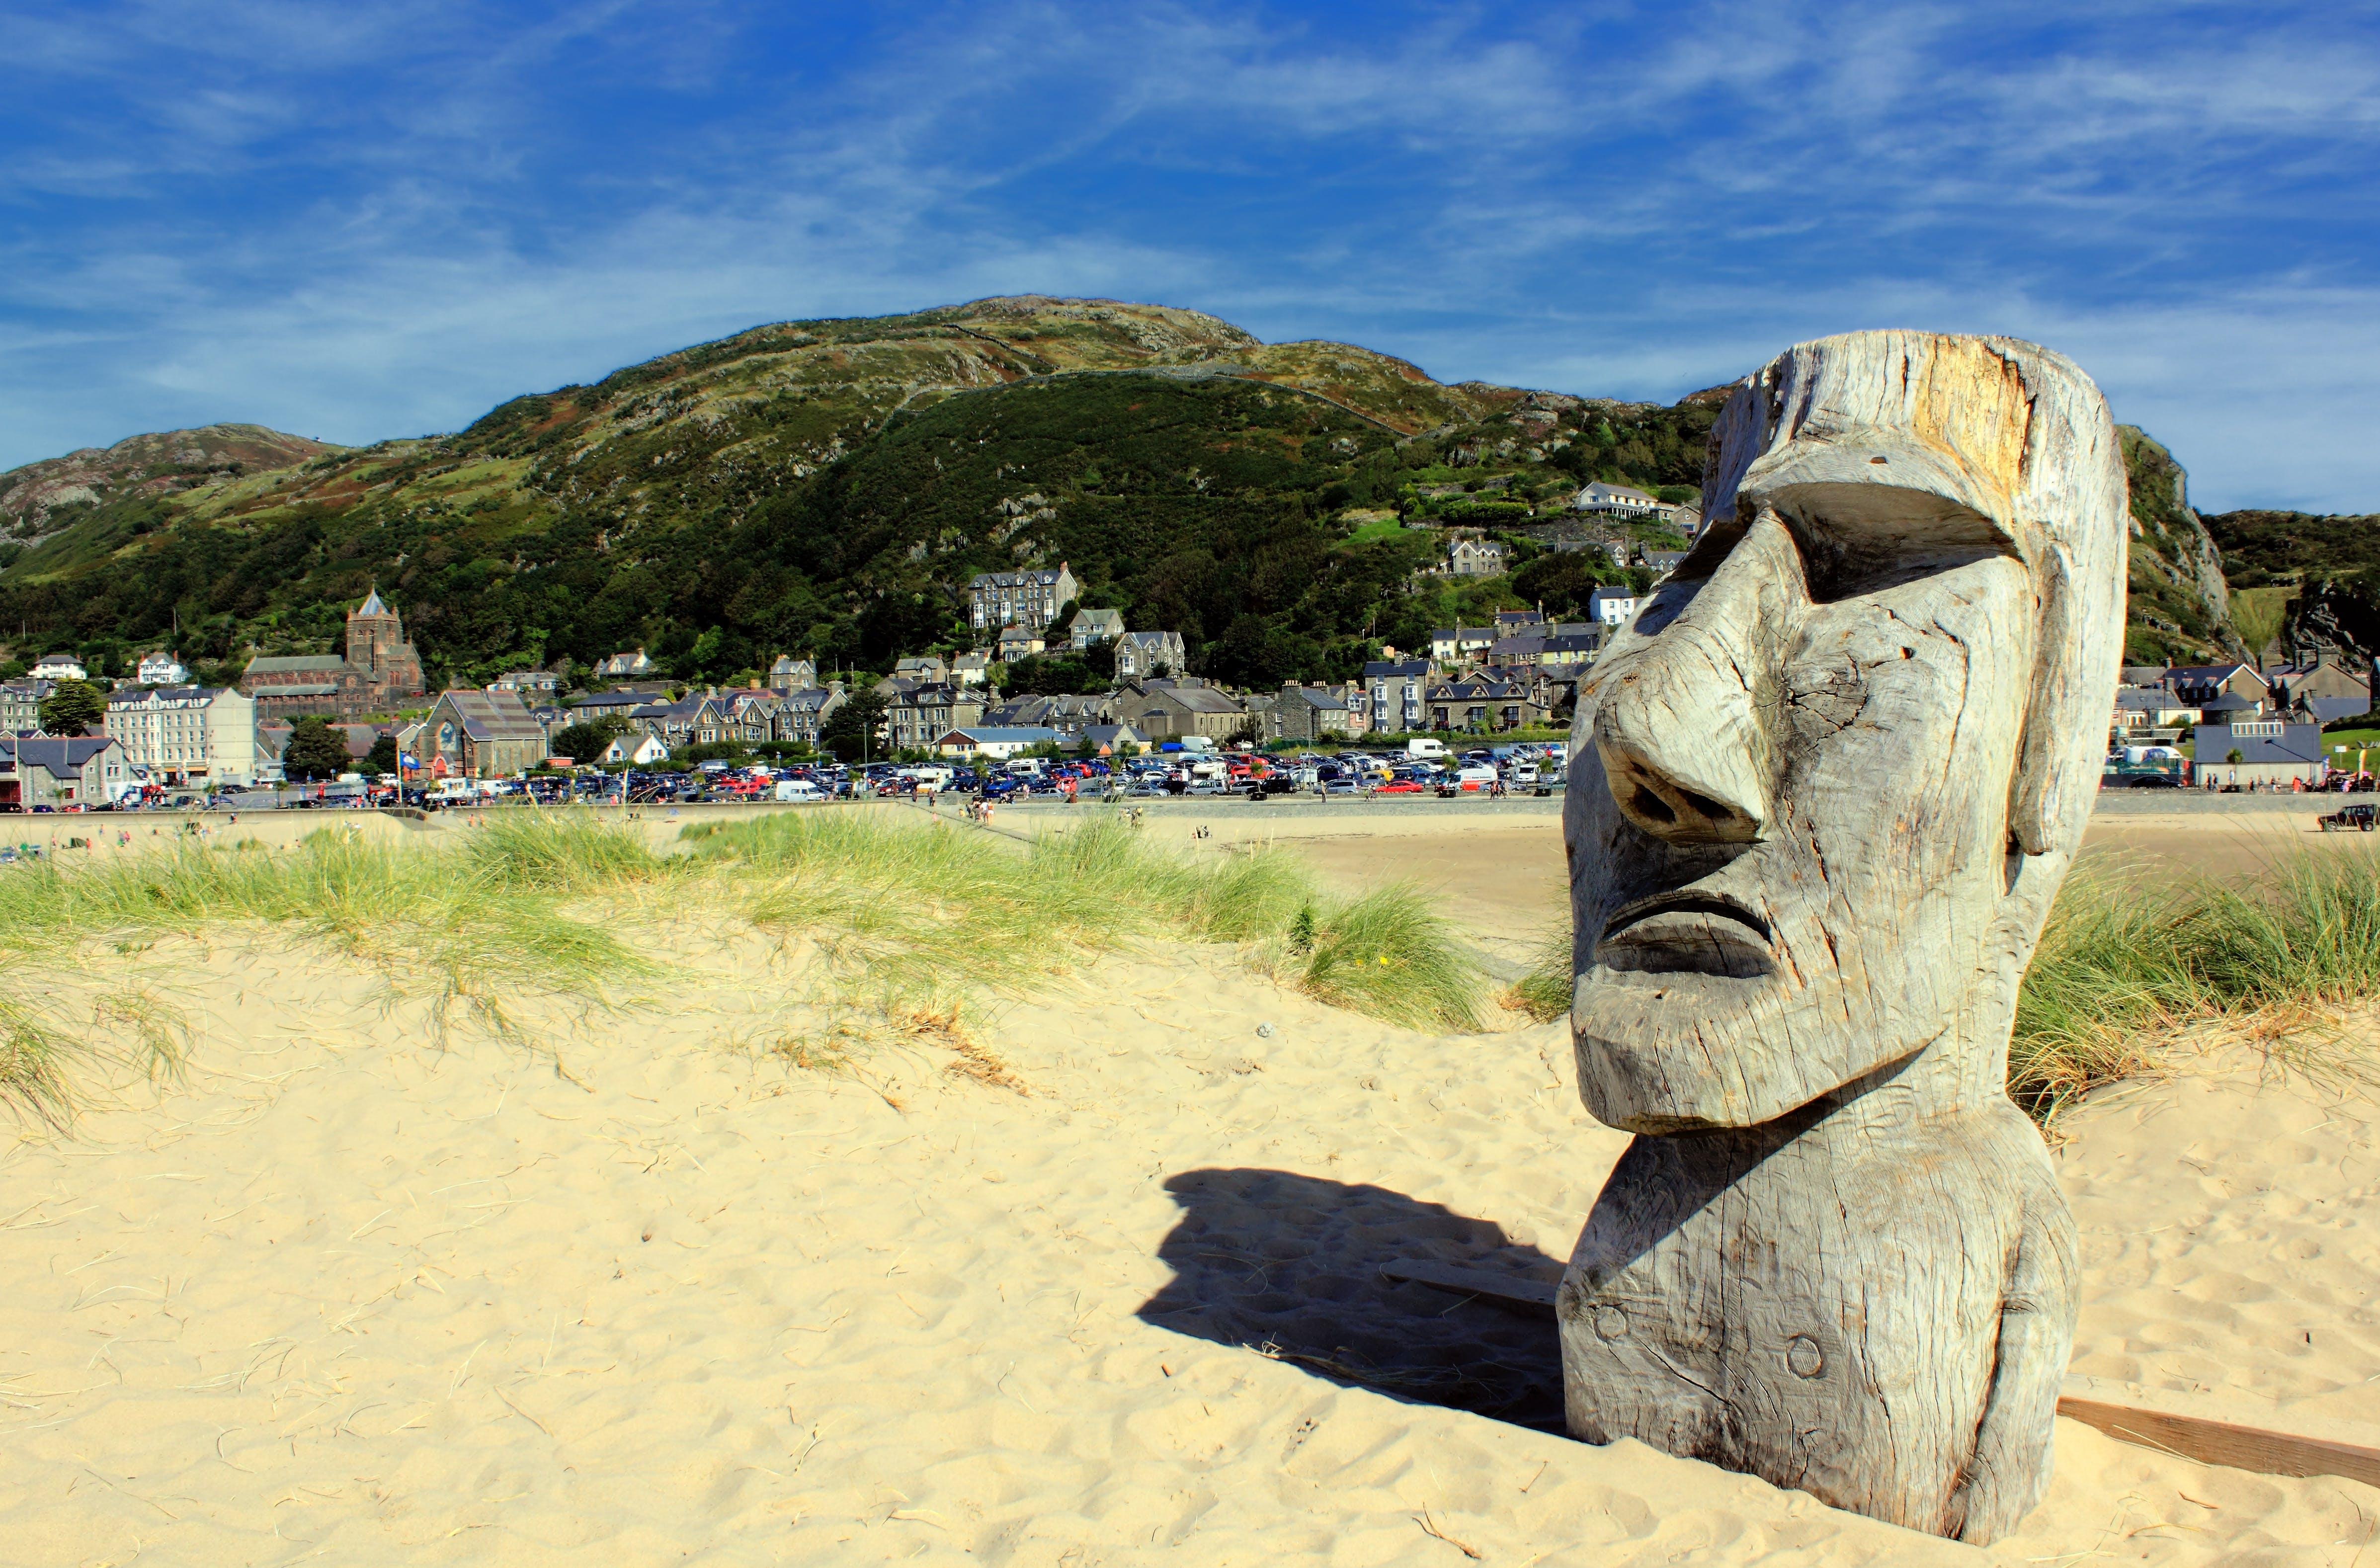 Gray Wooden Moai Statue on Sand